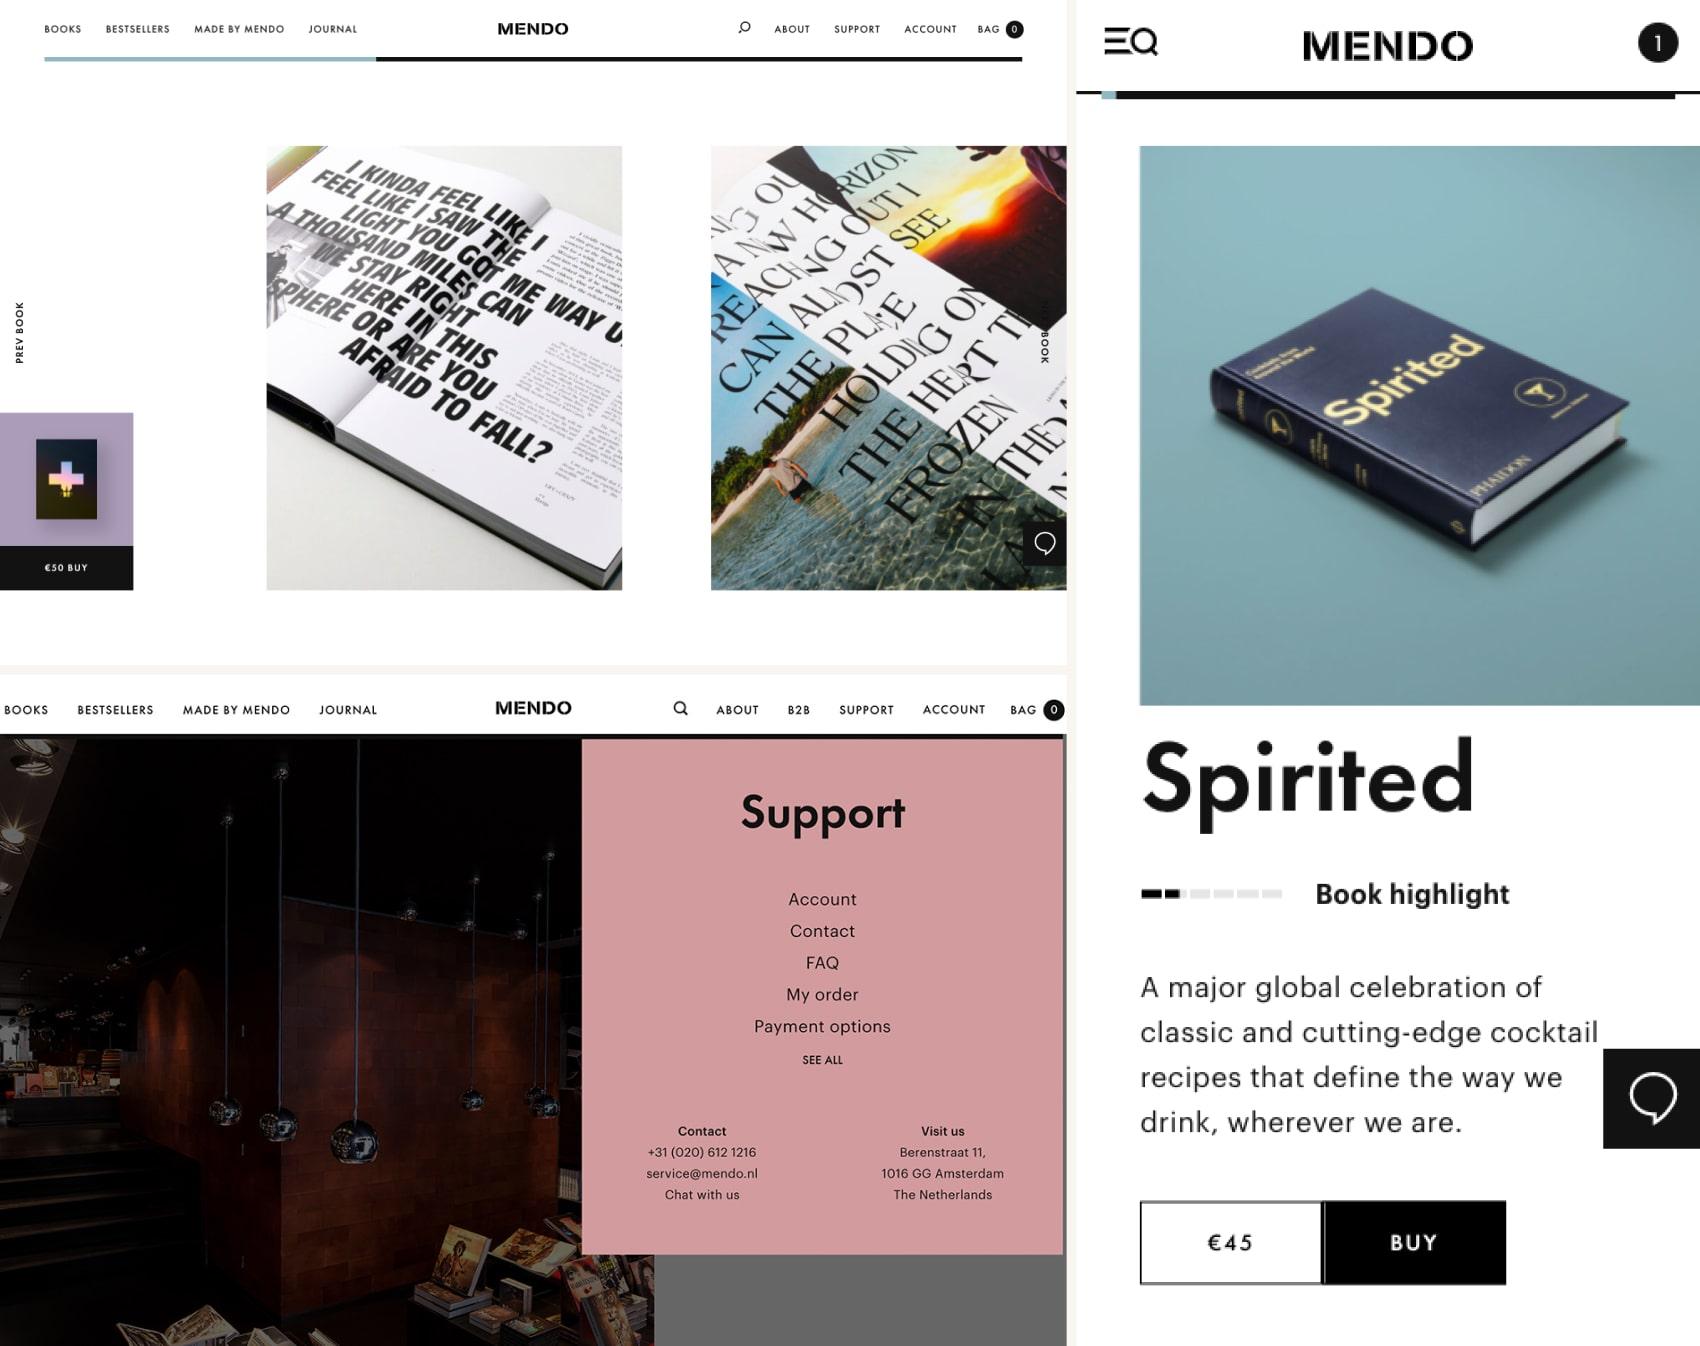 дизайн интернет магазина Mendo